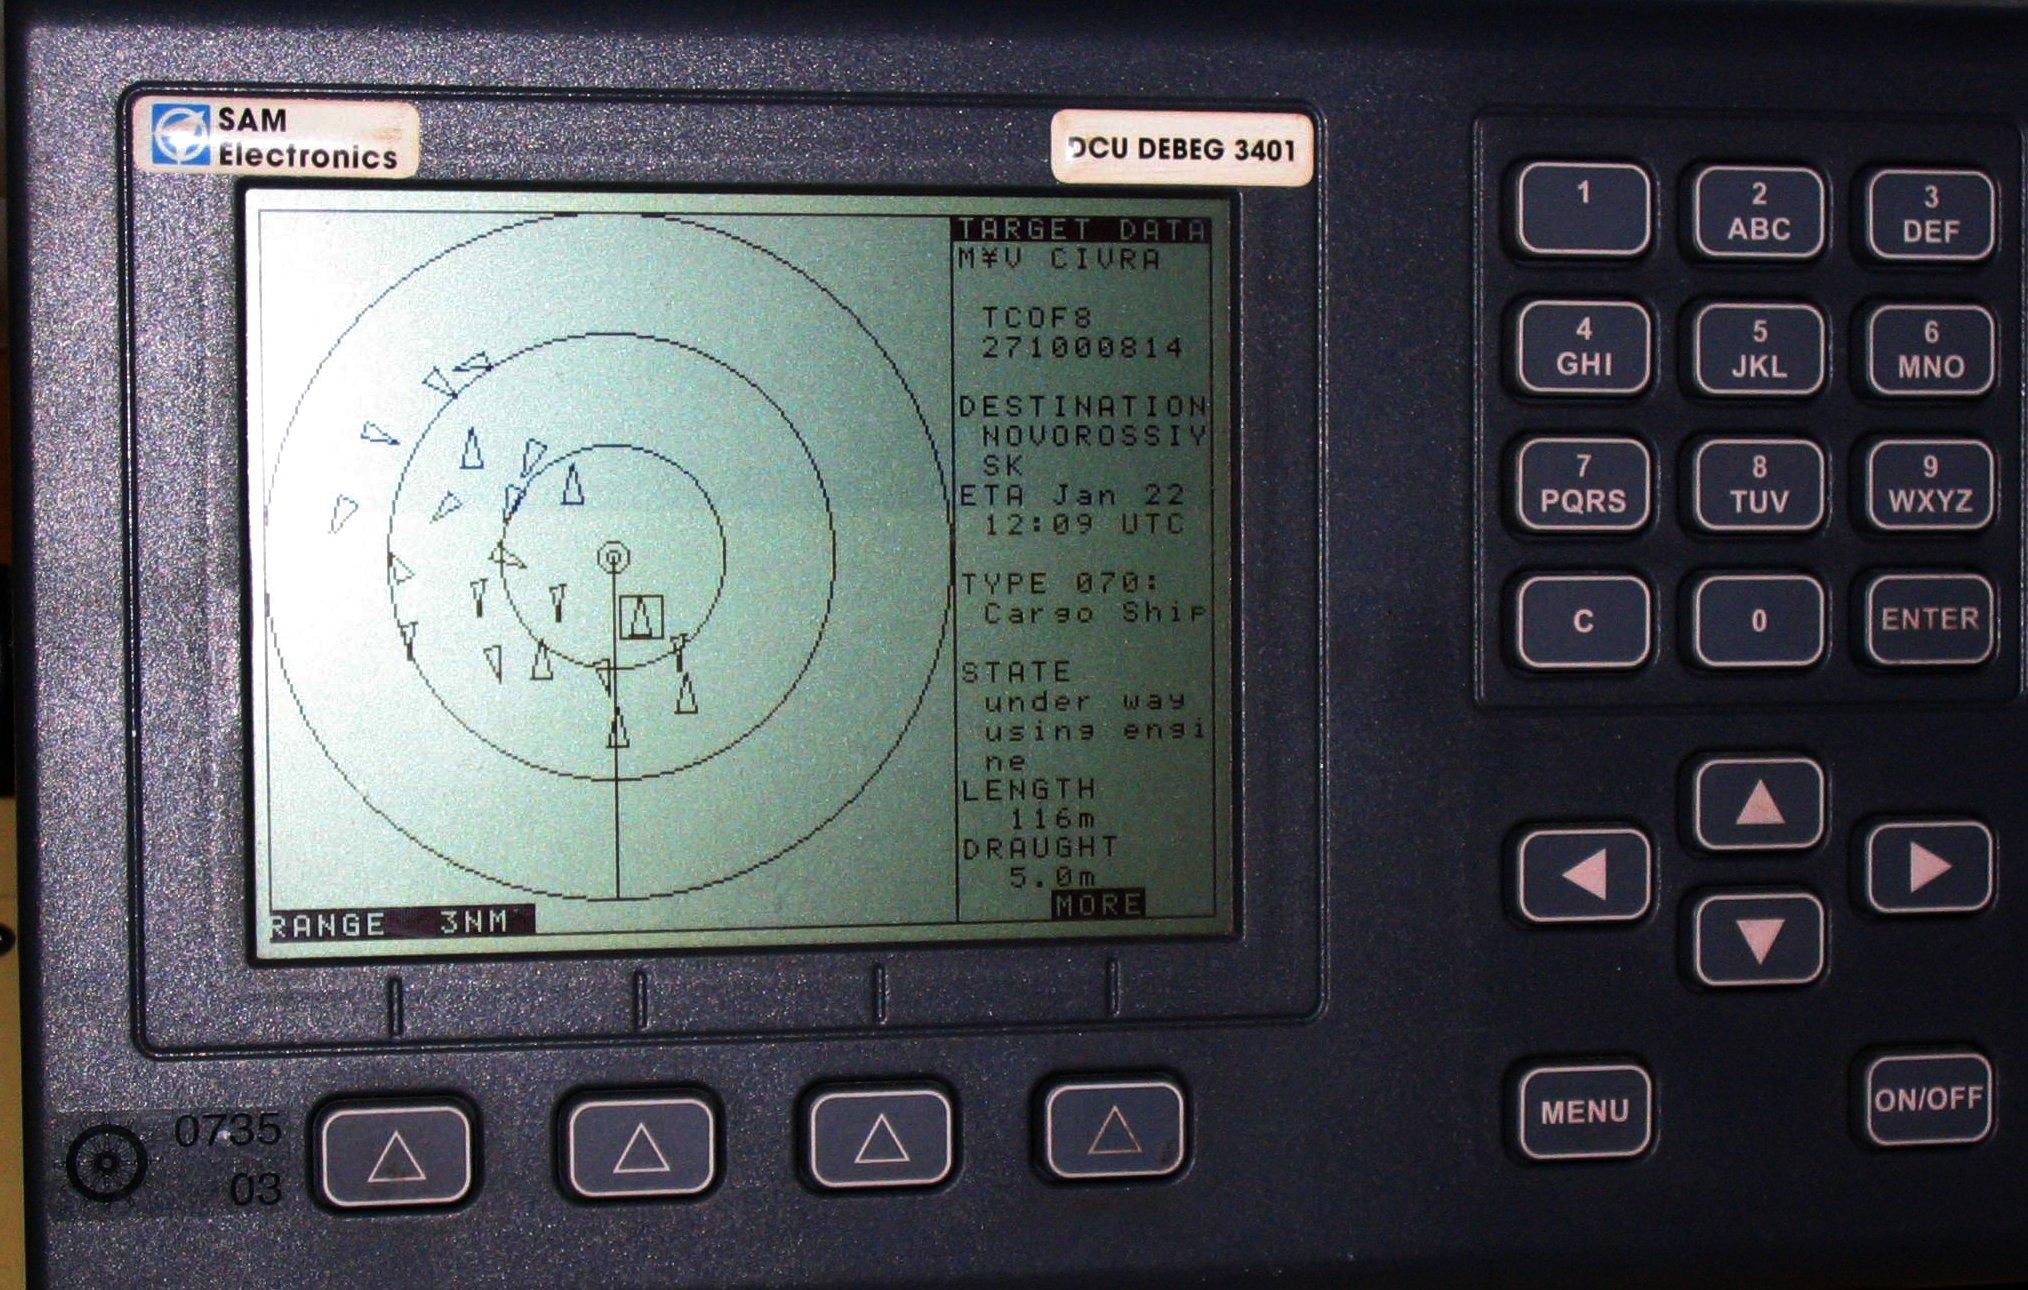 АИС (Aвтоматическая идентификационная система) служащая в судоходстве для идентификации судов, их габаритов, курса и других данных. Не будет работать во время солнечного супершторма